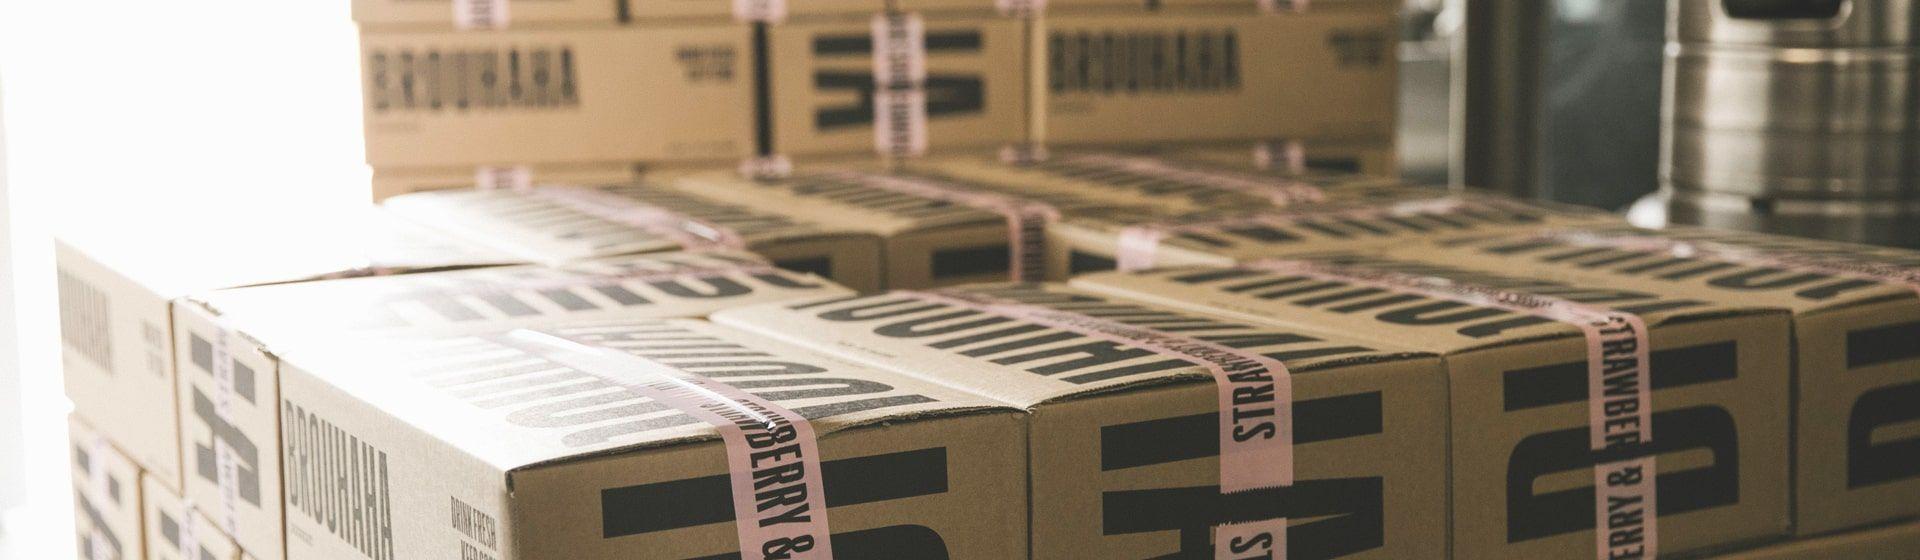 EuGH-Urteil zur Rückgabe sperriger Waren